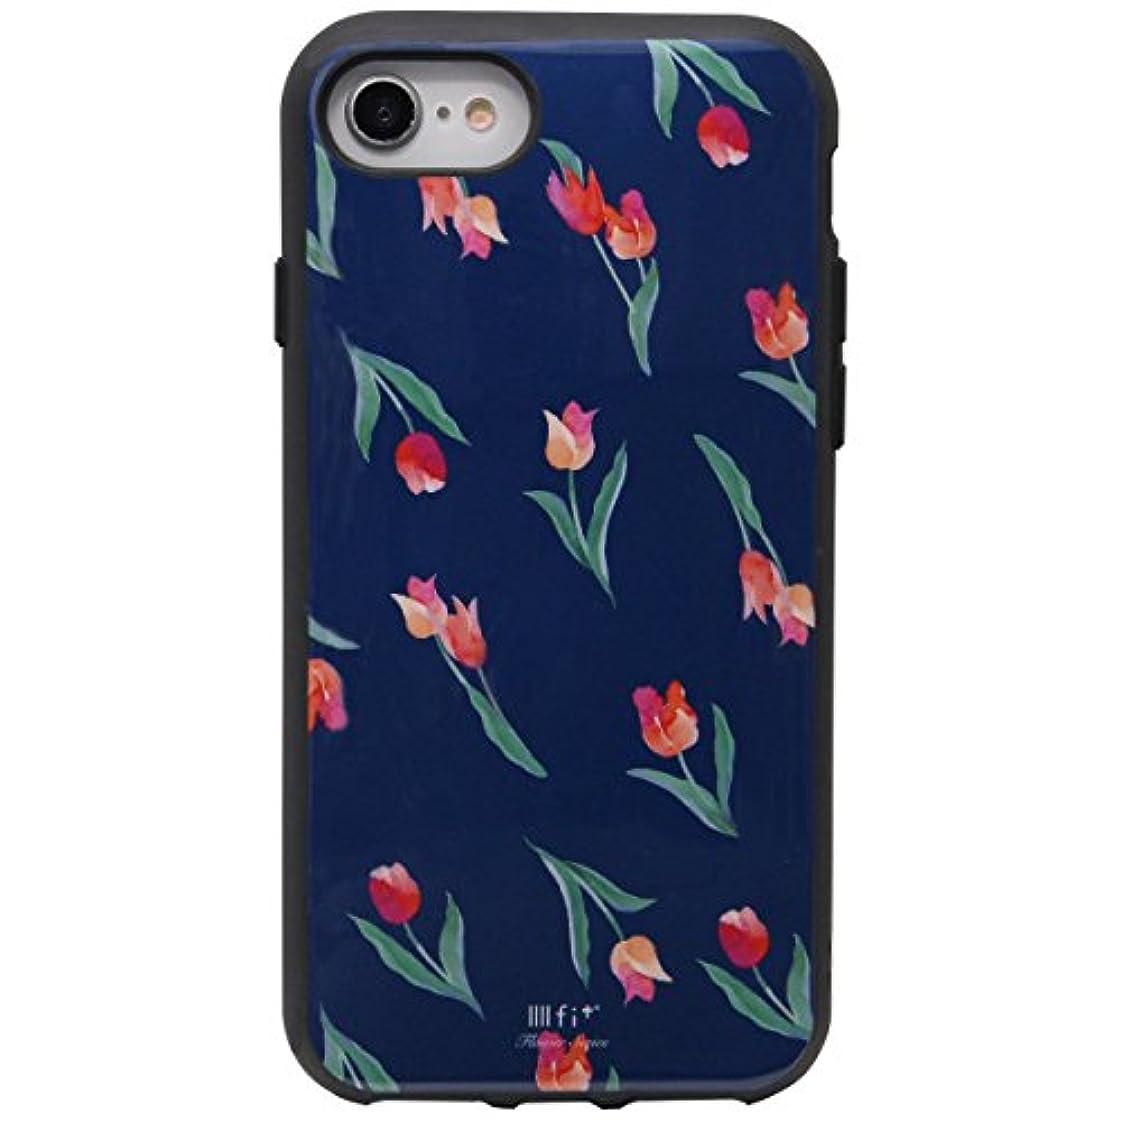 縫う呼び起こす駅グルマンディーズ IIIIfi+(R)Premium(イーフィットプレミアム) iPhone8/7/6s/6(4.7インチ)対応ケース ネイビー ift-10c